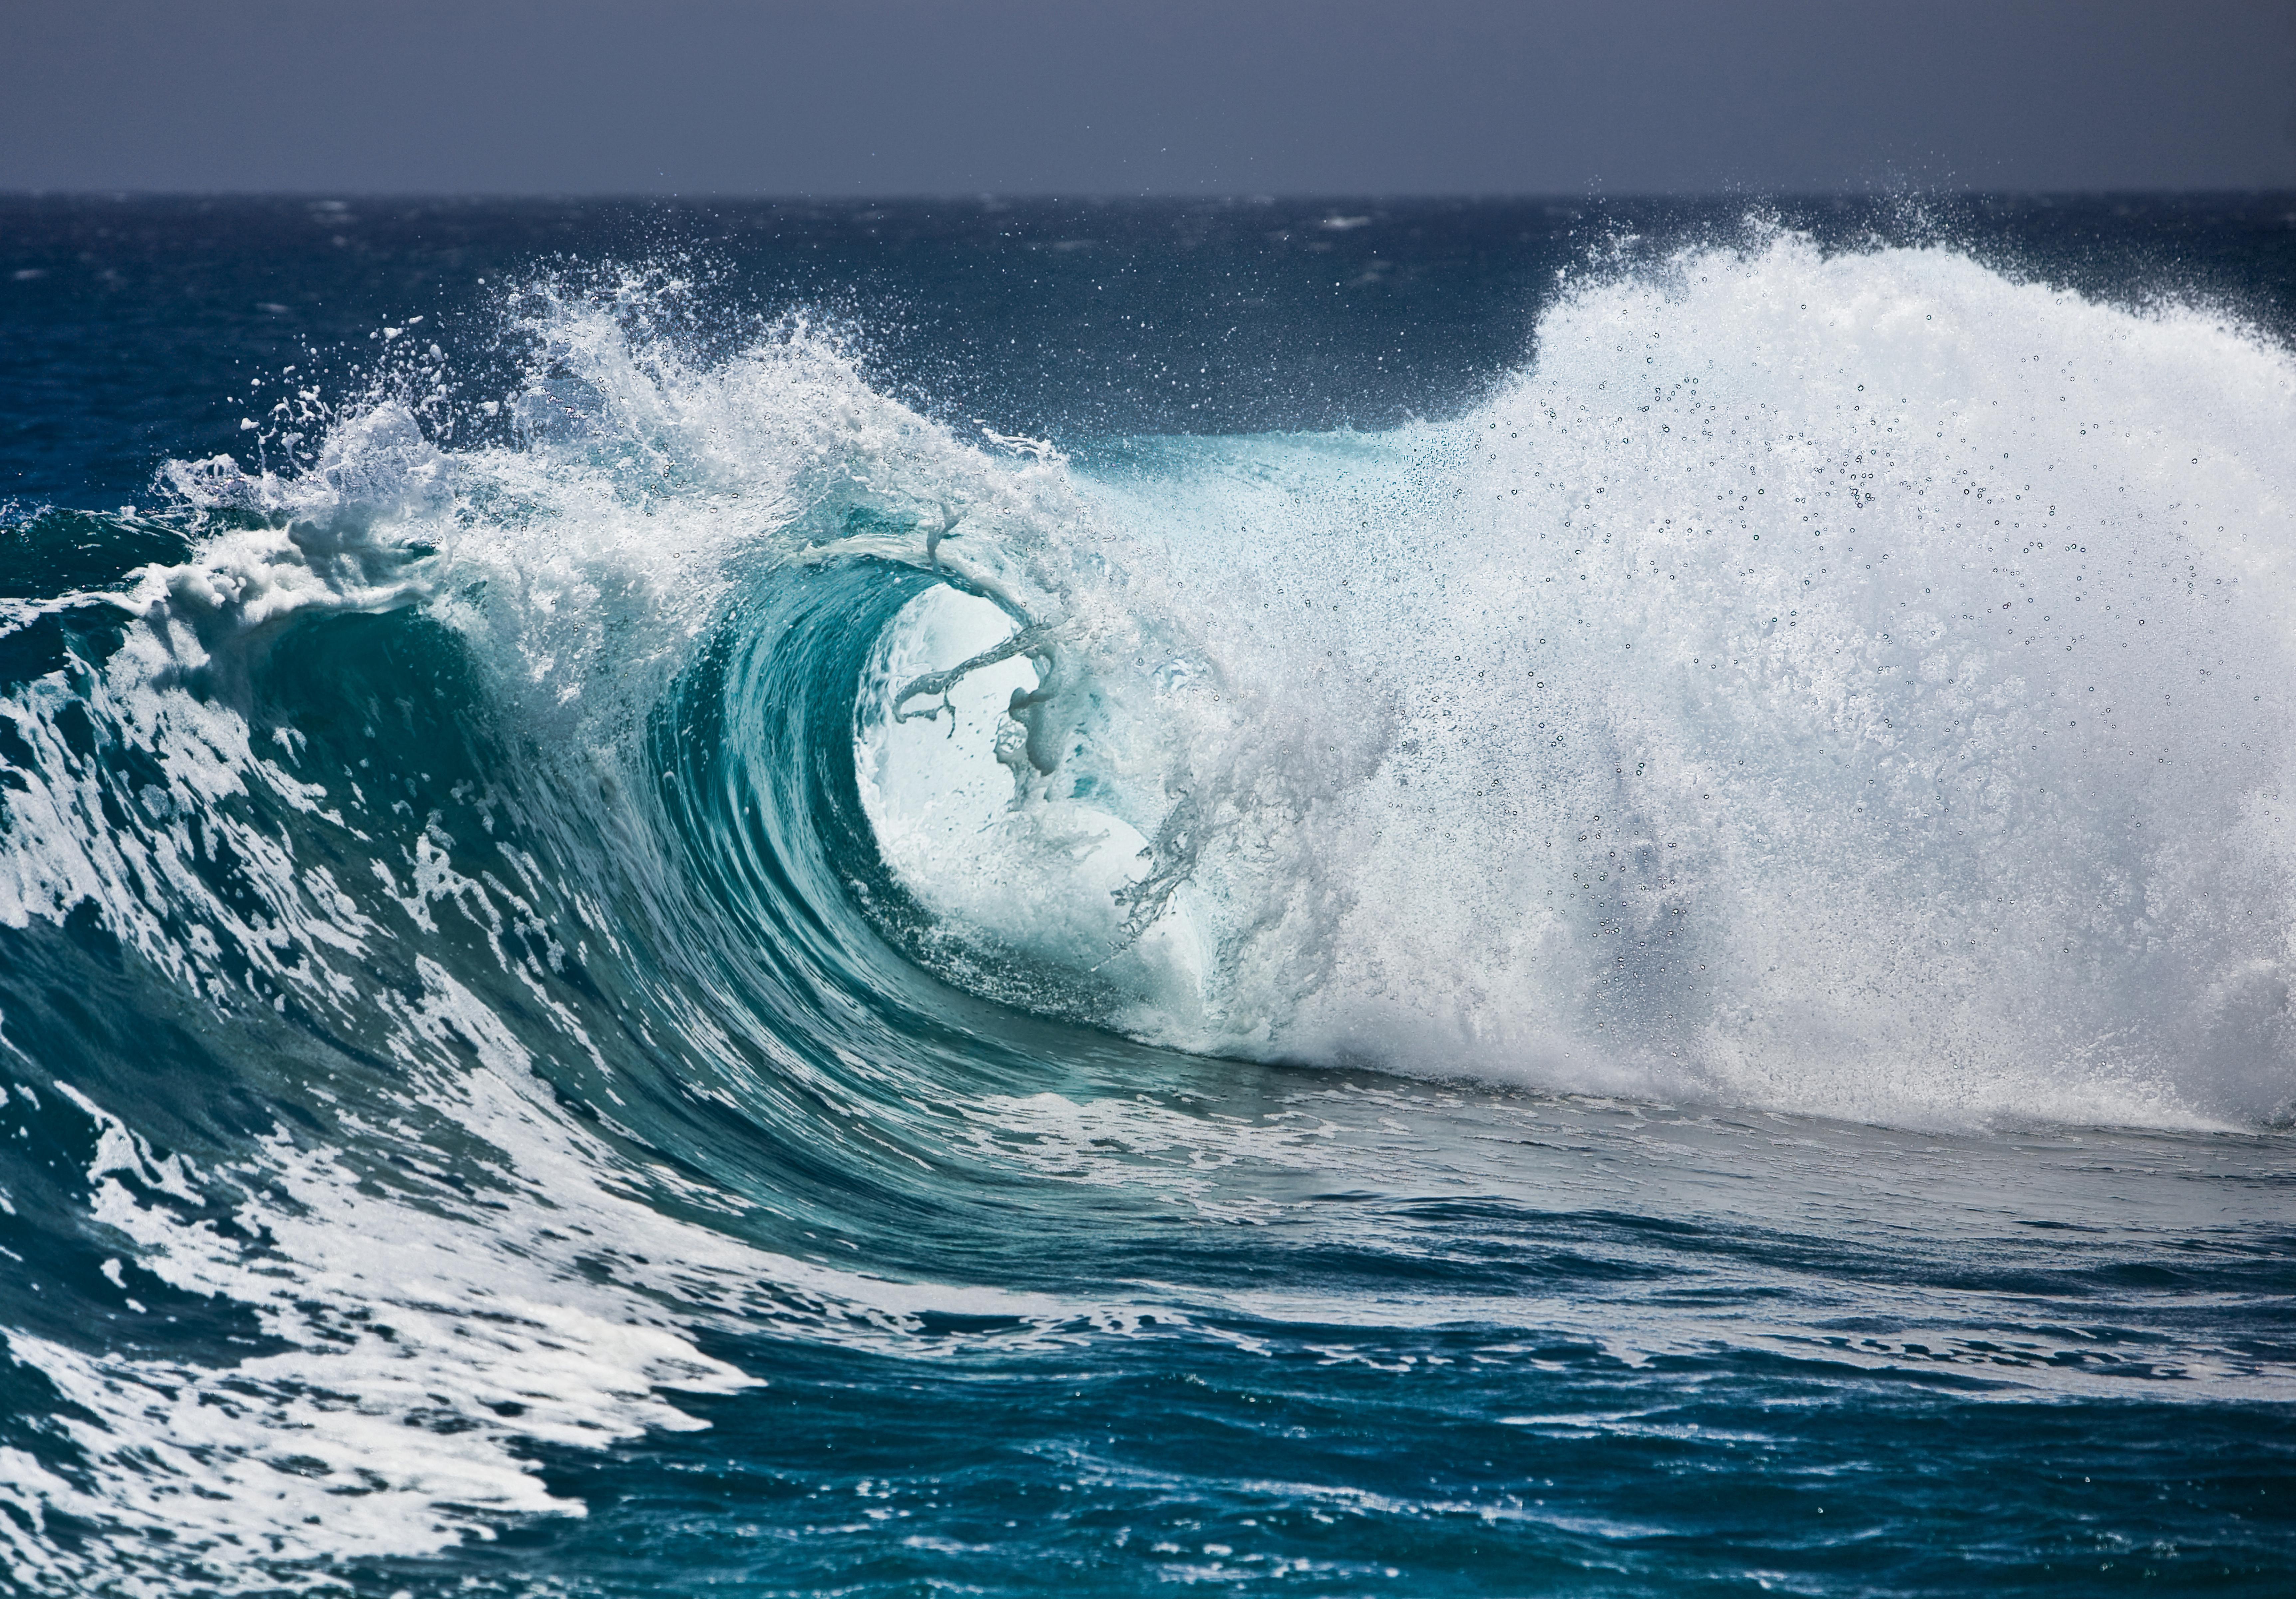 фото океанических волн серые двери для